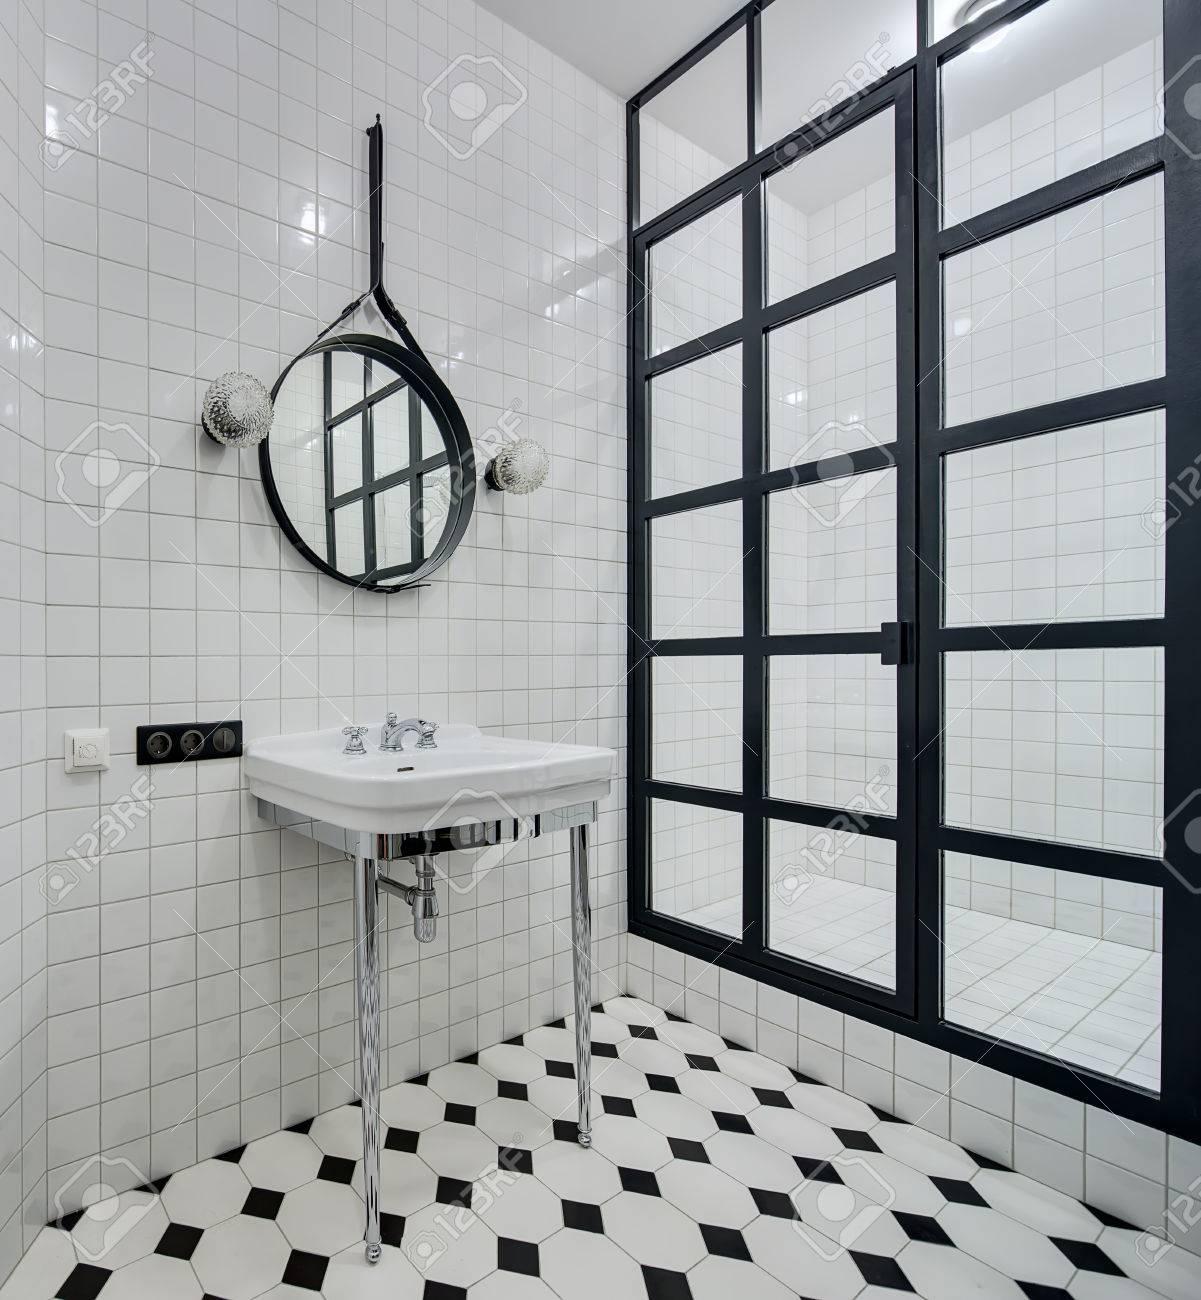 https://previews.123rf.com/images/bezikus/bezikus1608/bezikus160800031/61059956-bagno-di-design-con-pareti-di-piastrelle-bianche-c-%C3%A8-lavabo-bianco-con-gambe-cromate-e-rubinetto-sp.jpg